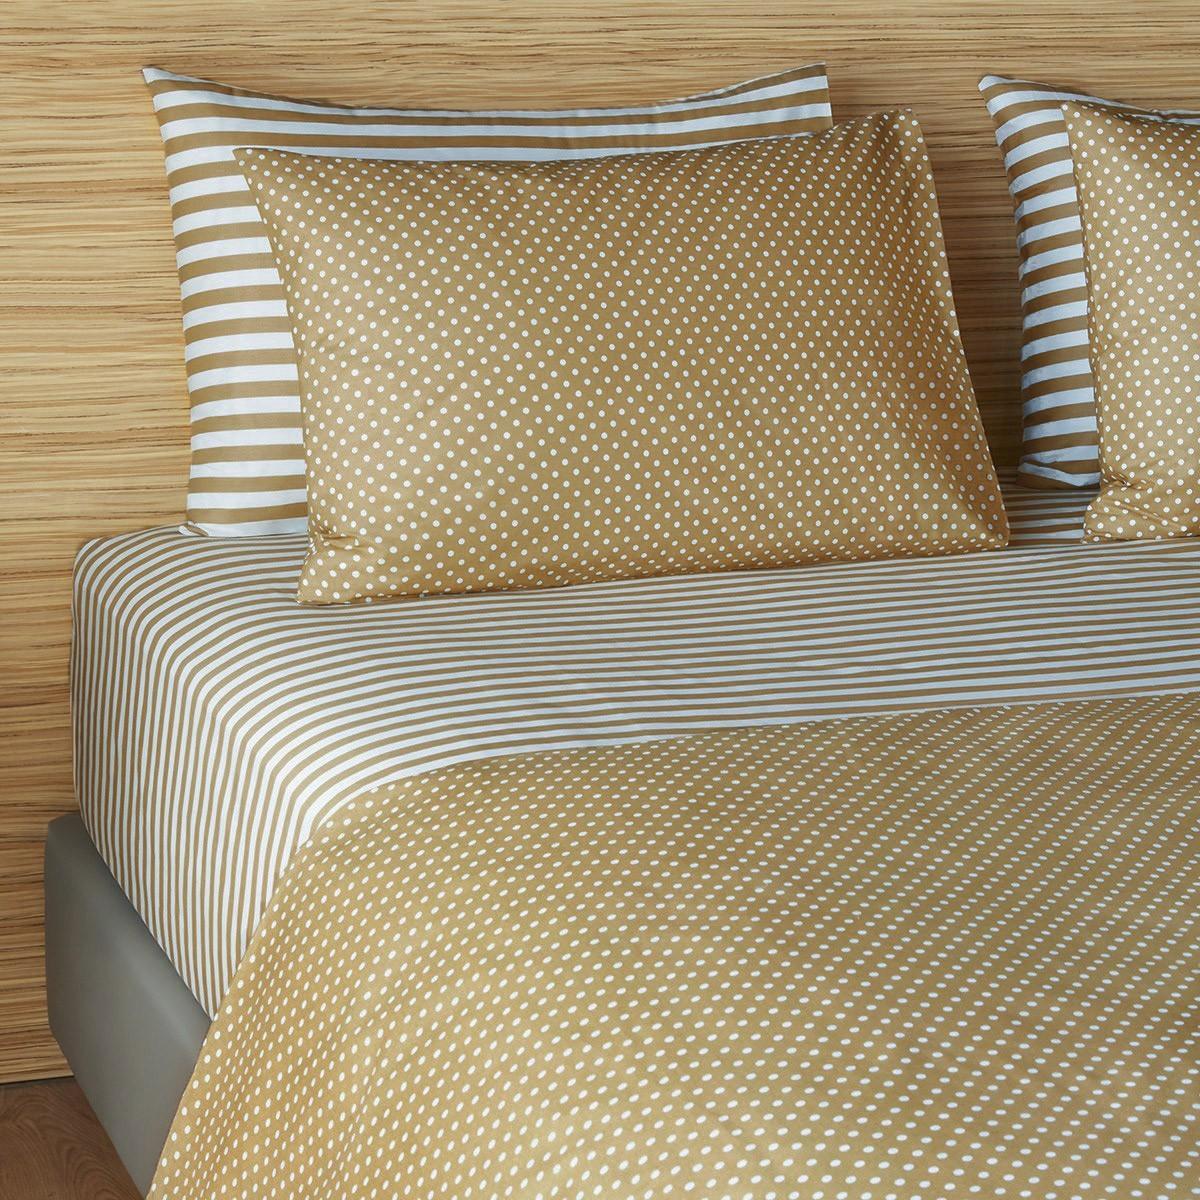 Σεντόνια Μονά (Σετ) Melinen 12532 Golden